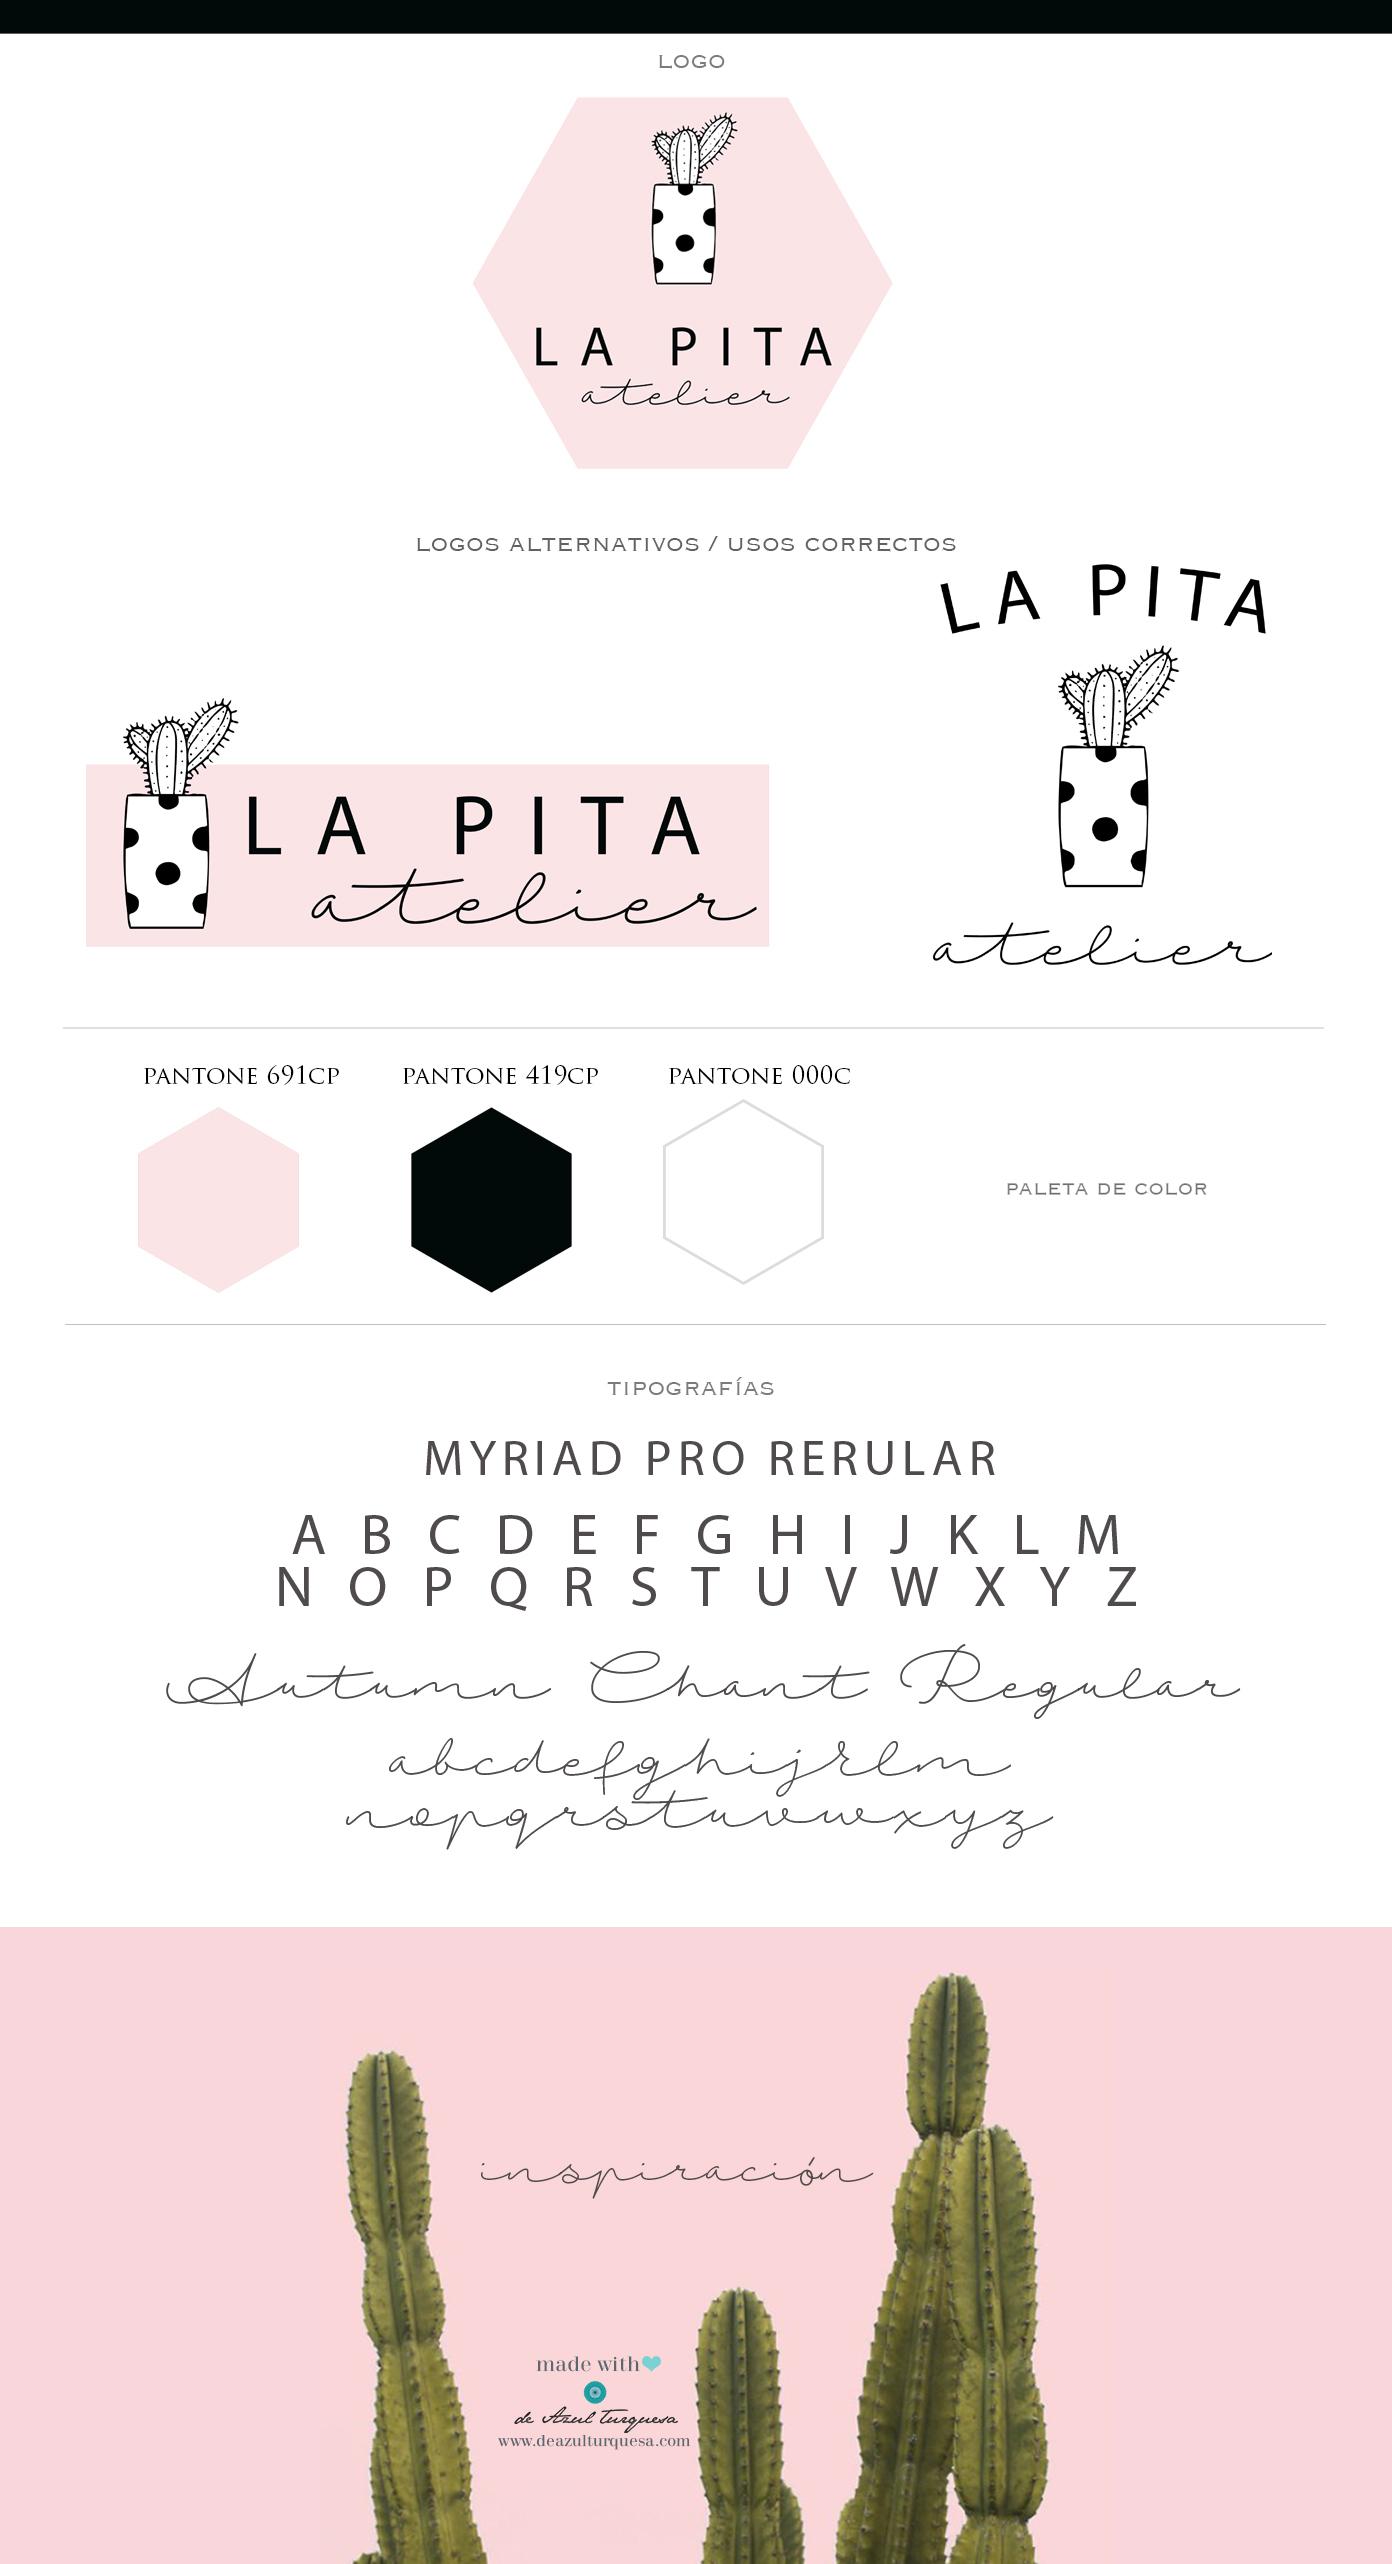 diseño e logos para tiendas